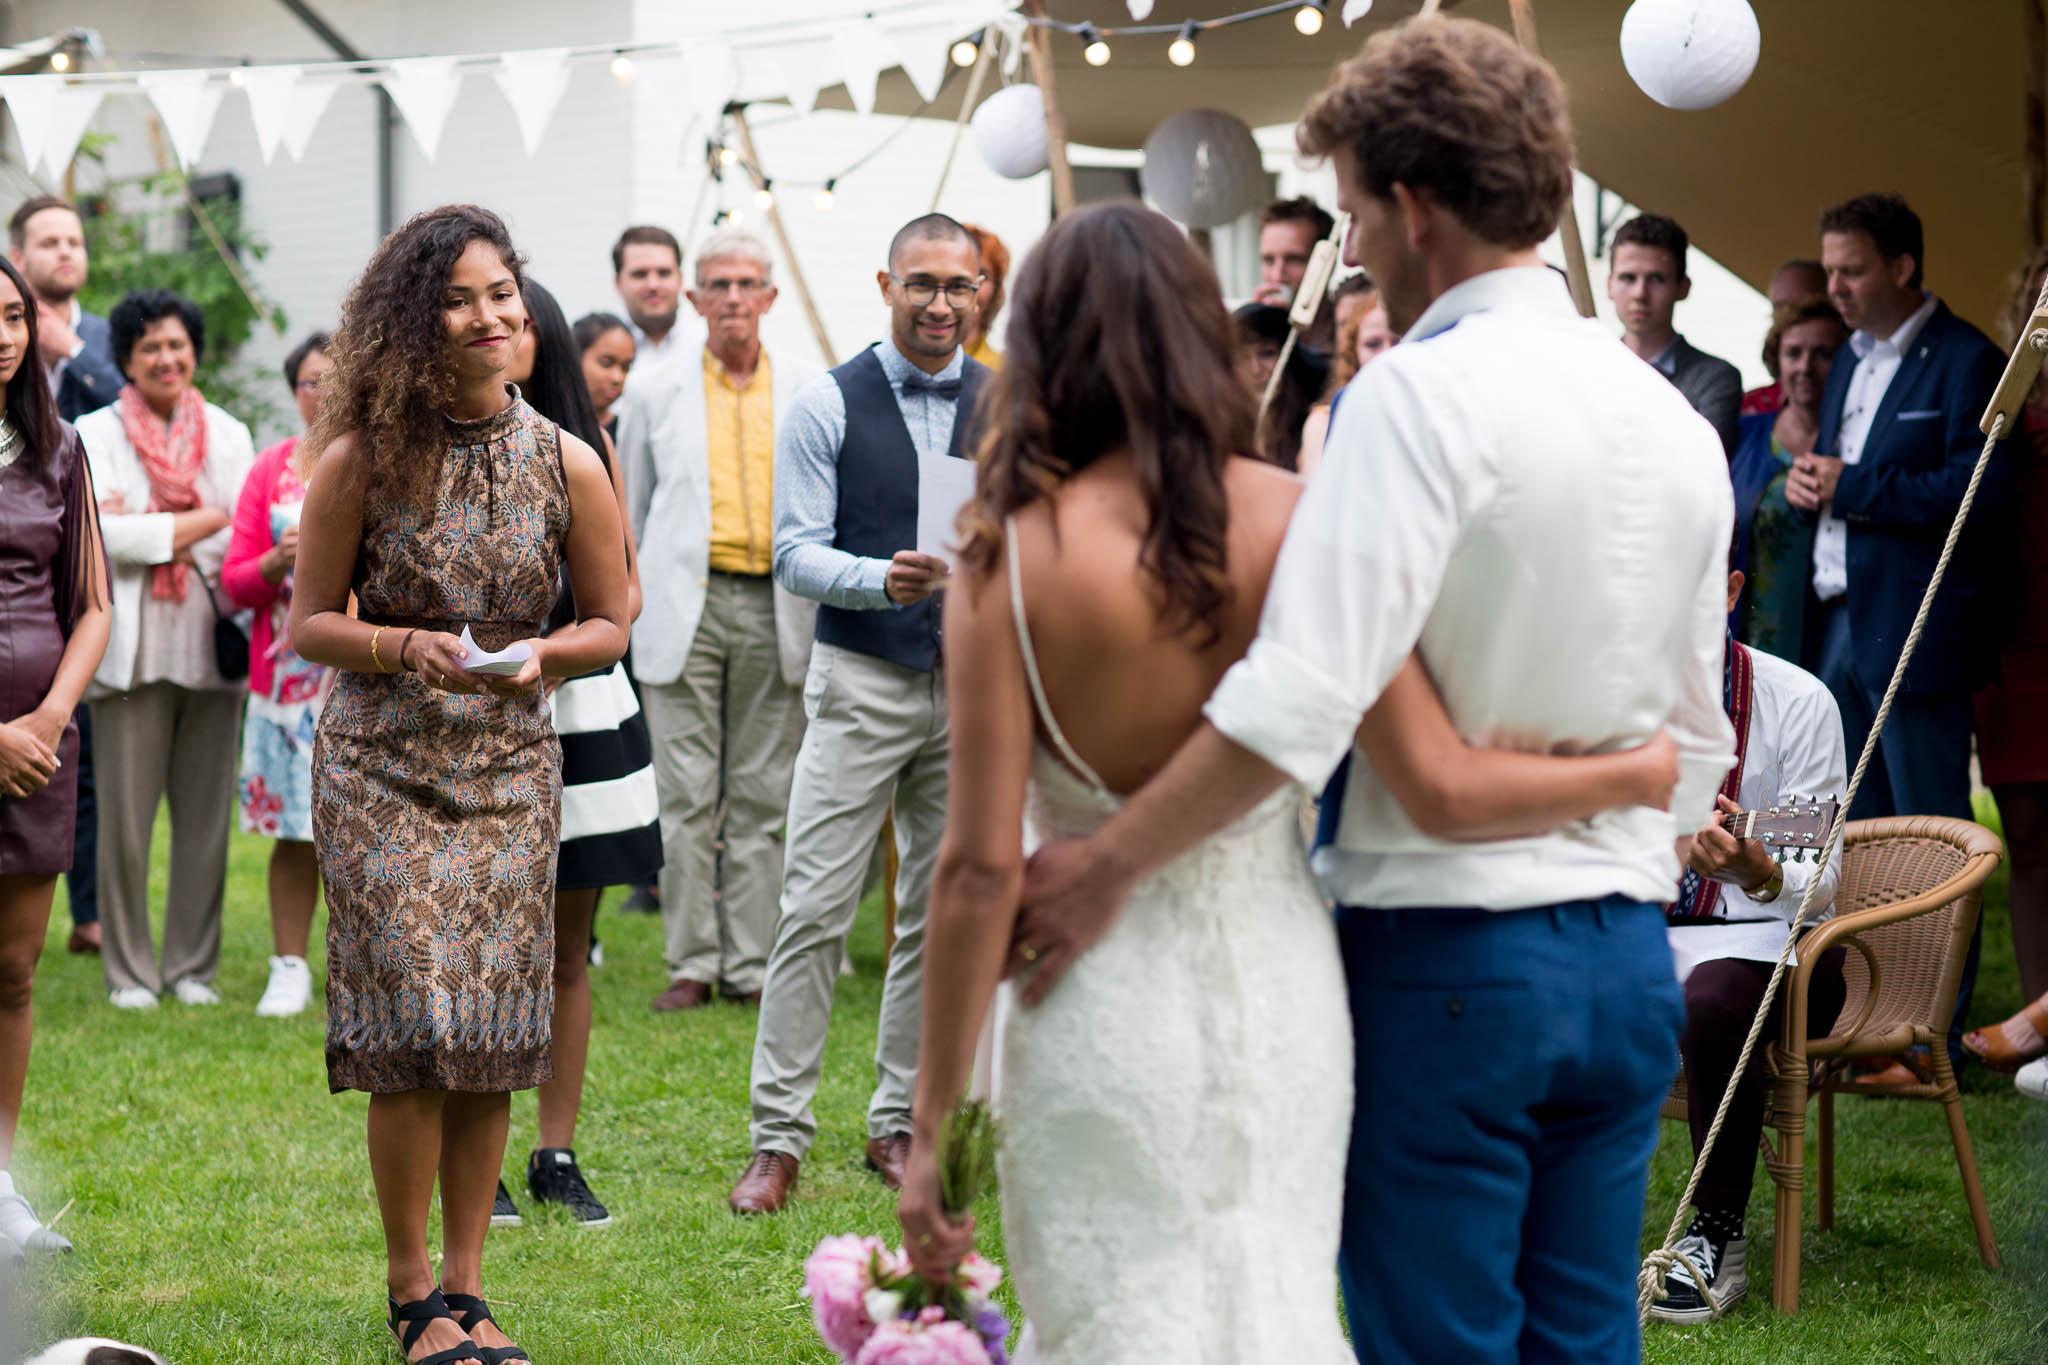 freebirdstories-com_wedding_christiaannina_lowres_722